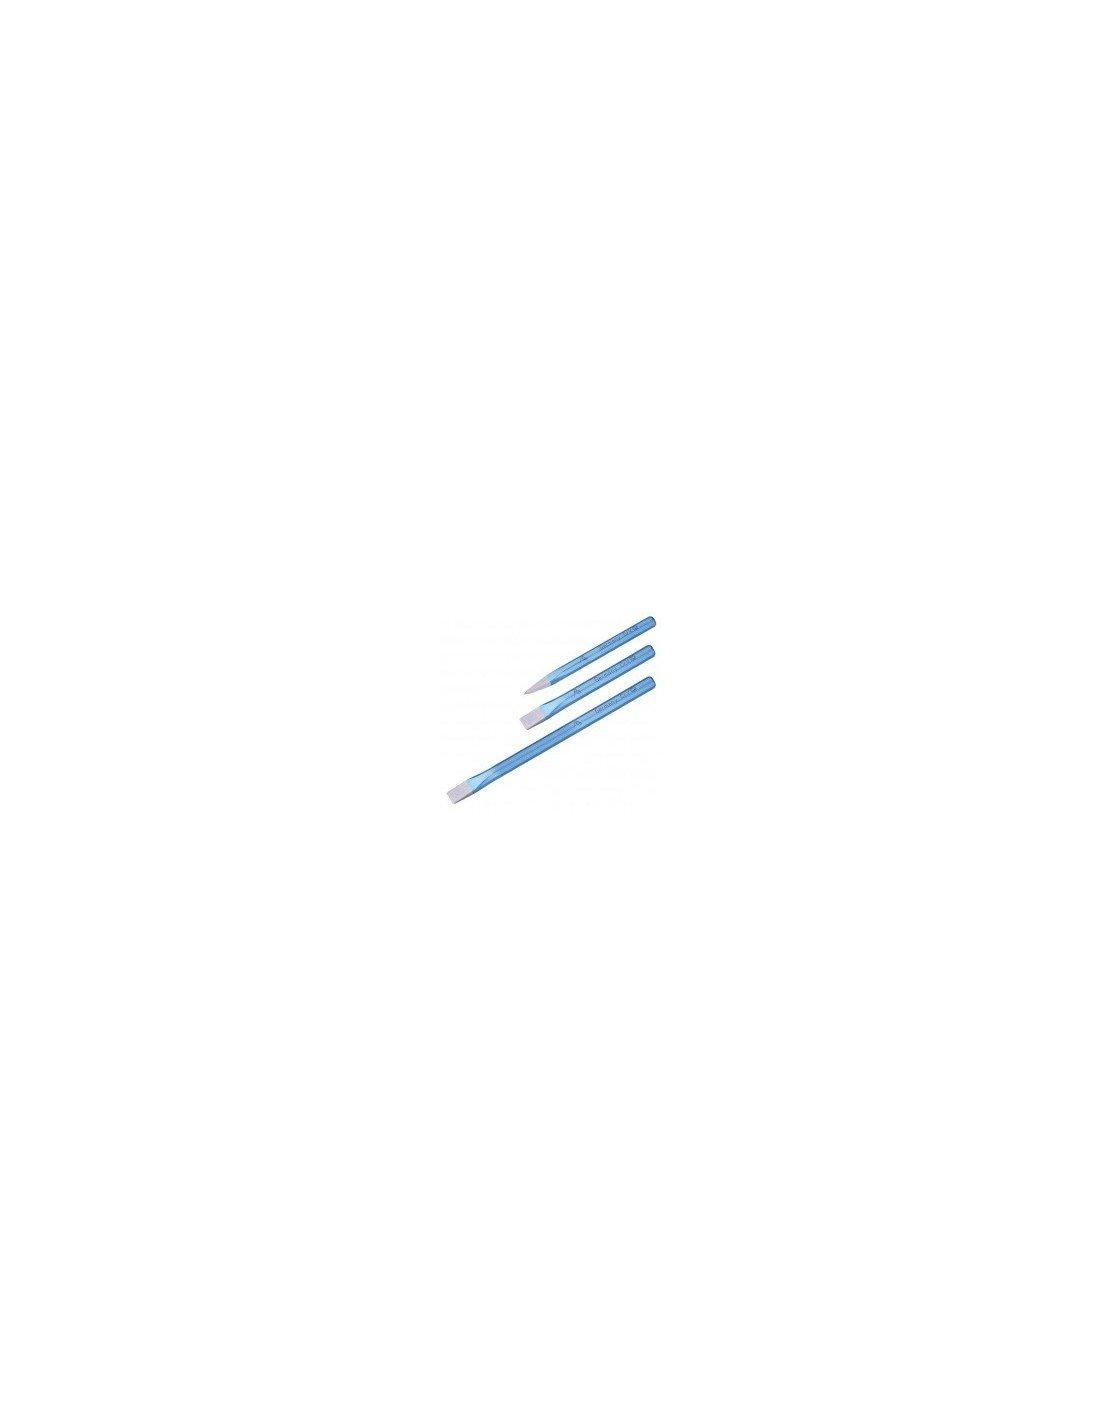 Rennsteig 371 125 0 baldosas cincel puntiagudo Pulido, 125 mm 125mm 371 125 0